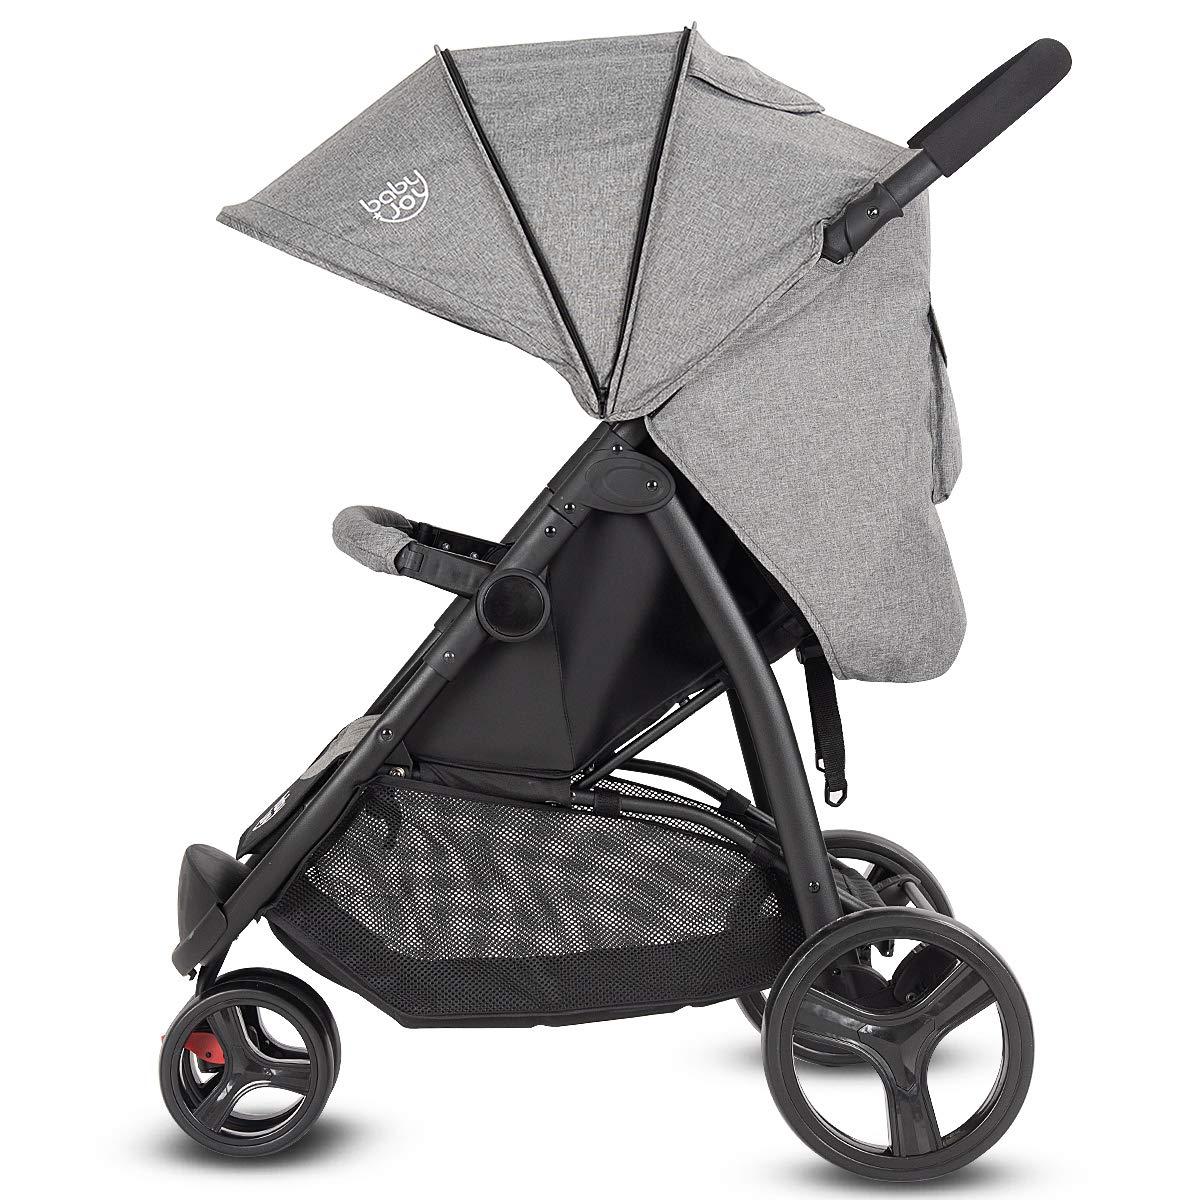 BABY JOY Baby Jogger Stroller, Infant Travel Portable Jogging Stroller, Folding Pushchair w/Removable Bar, Wallet Bog, 5-Point Harness, Storage Basket, Gray